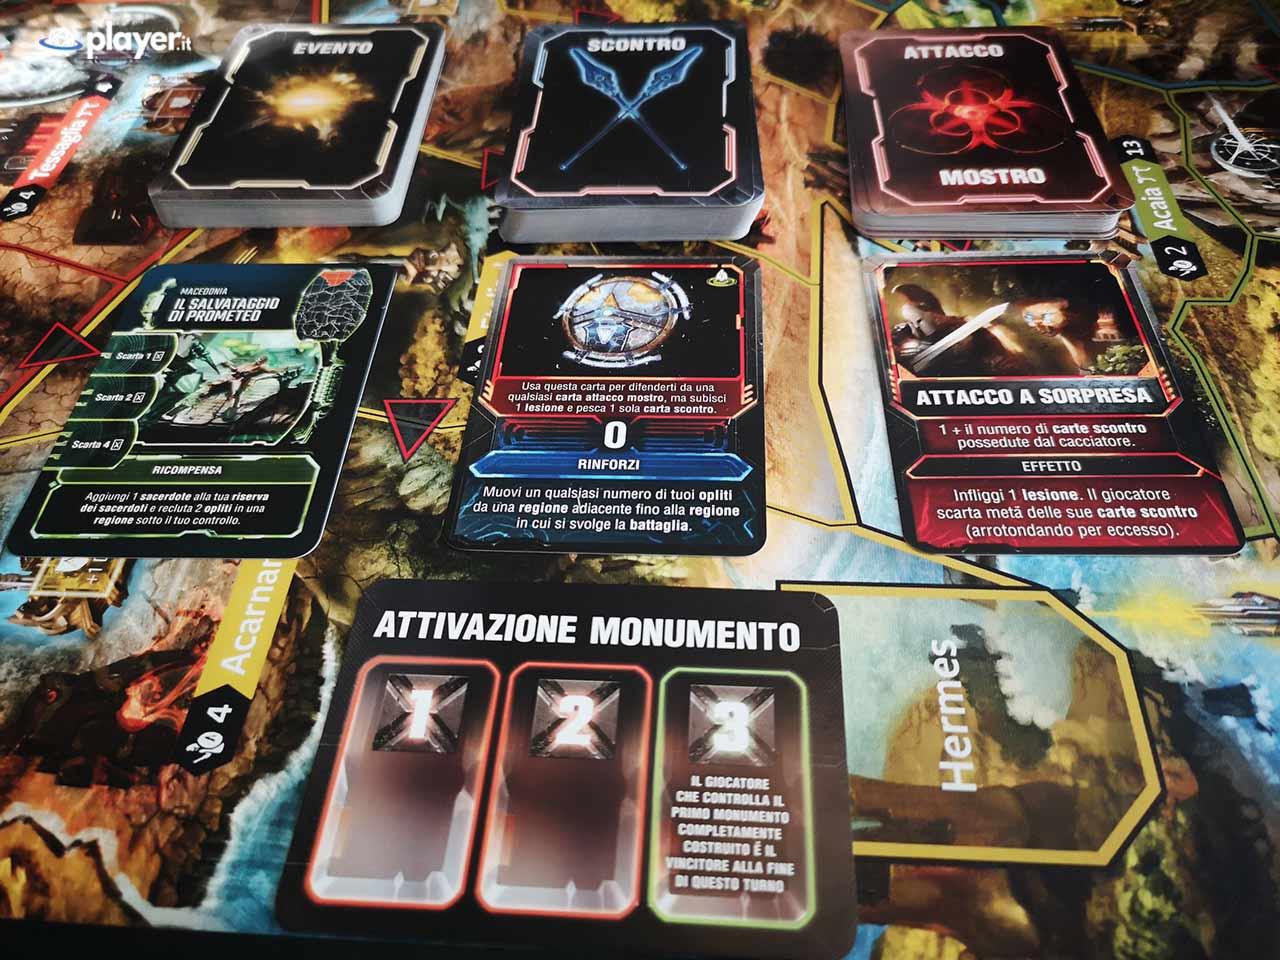 lord of hellas gioco da tavolo panoramica delle attivazioni